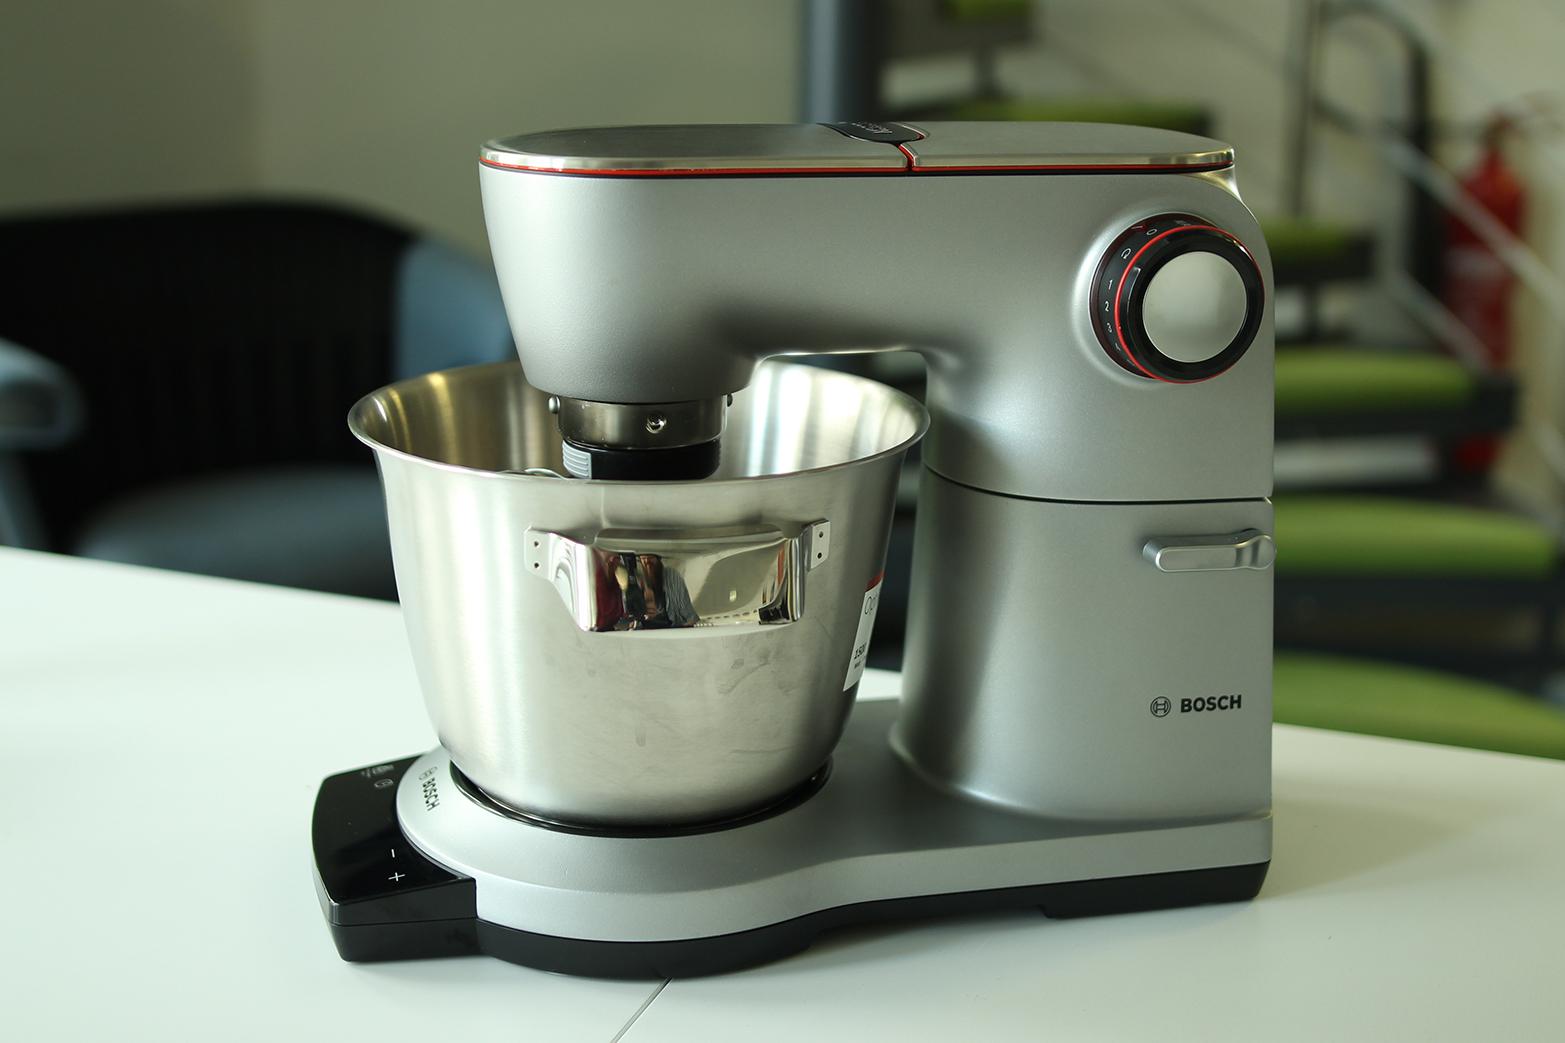 Test: Bosch OptiMUM MUM9DT5S41 Küchenmaschine - testsieger.de-Testportal